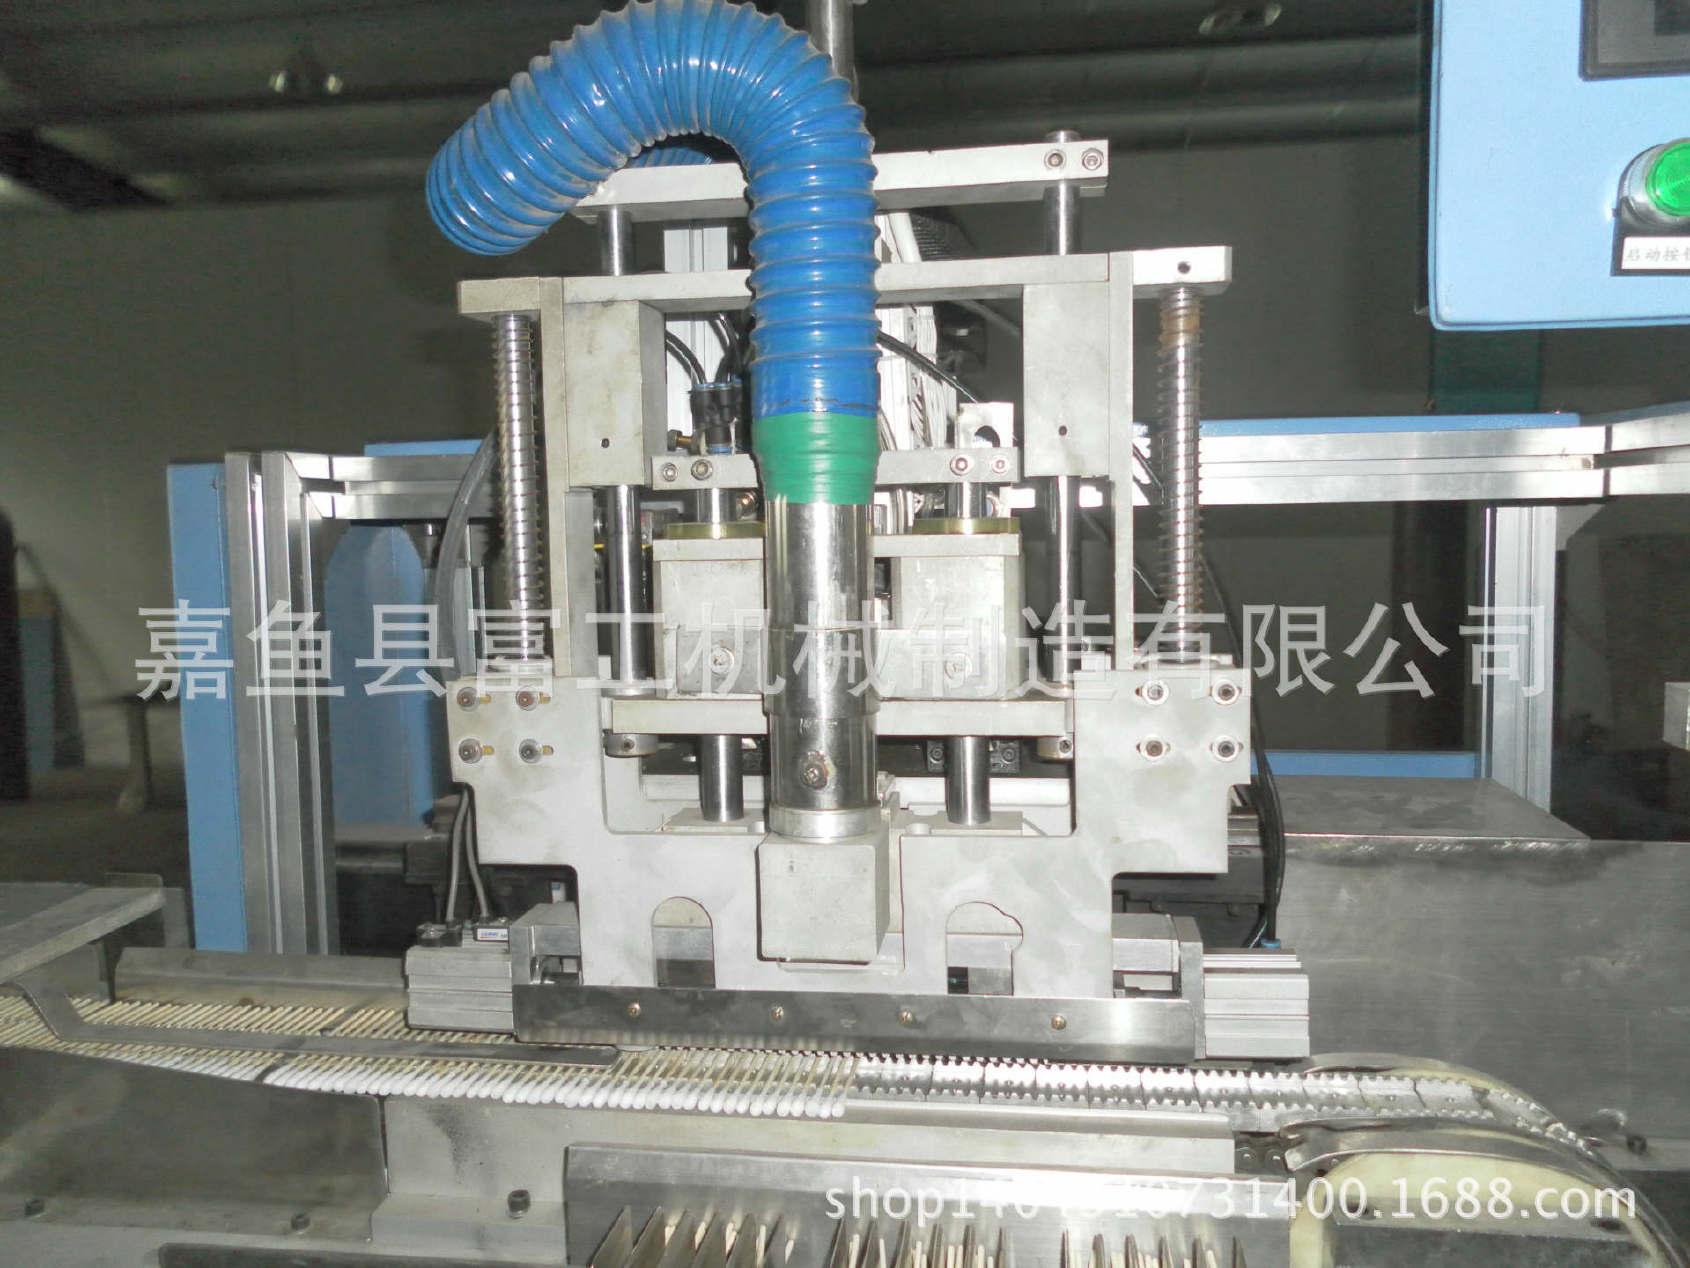 全自动棉签机,性能稳定,嘉鱼县富工机械制造有限公司供应定制图片